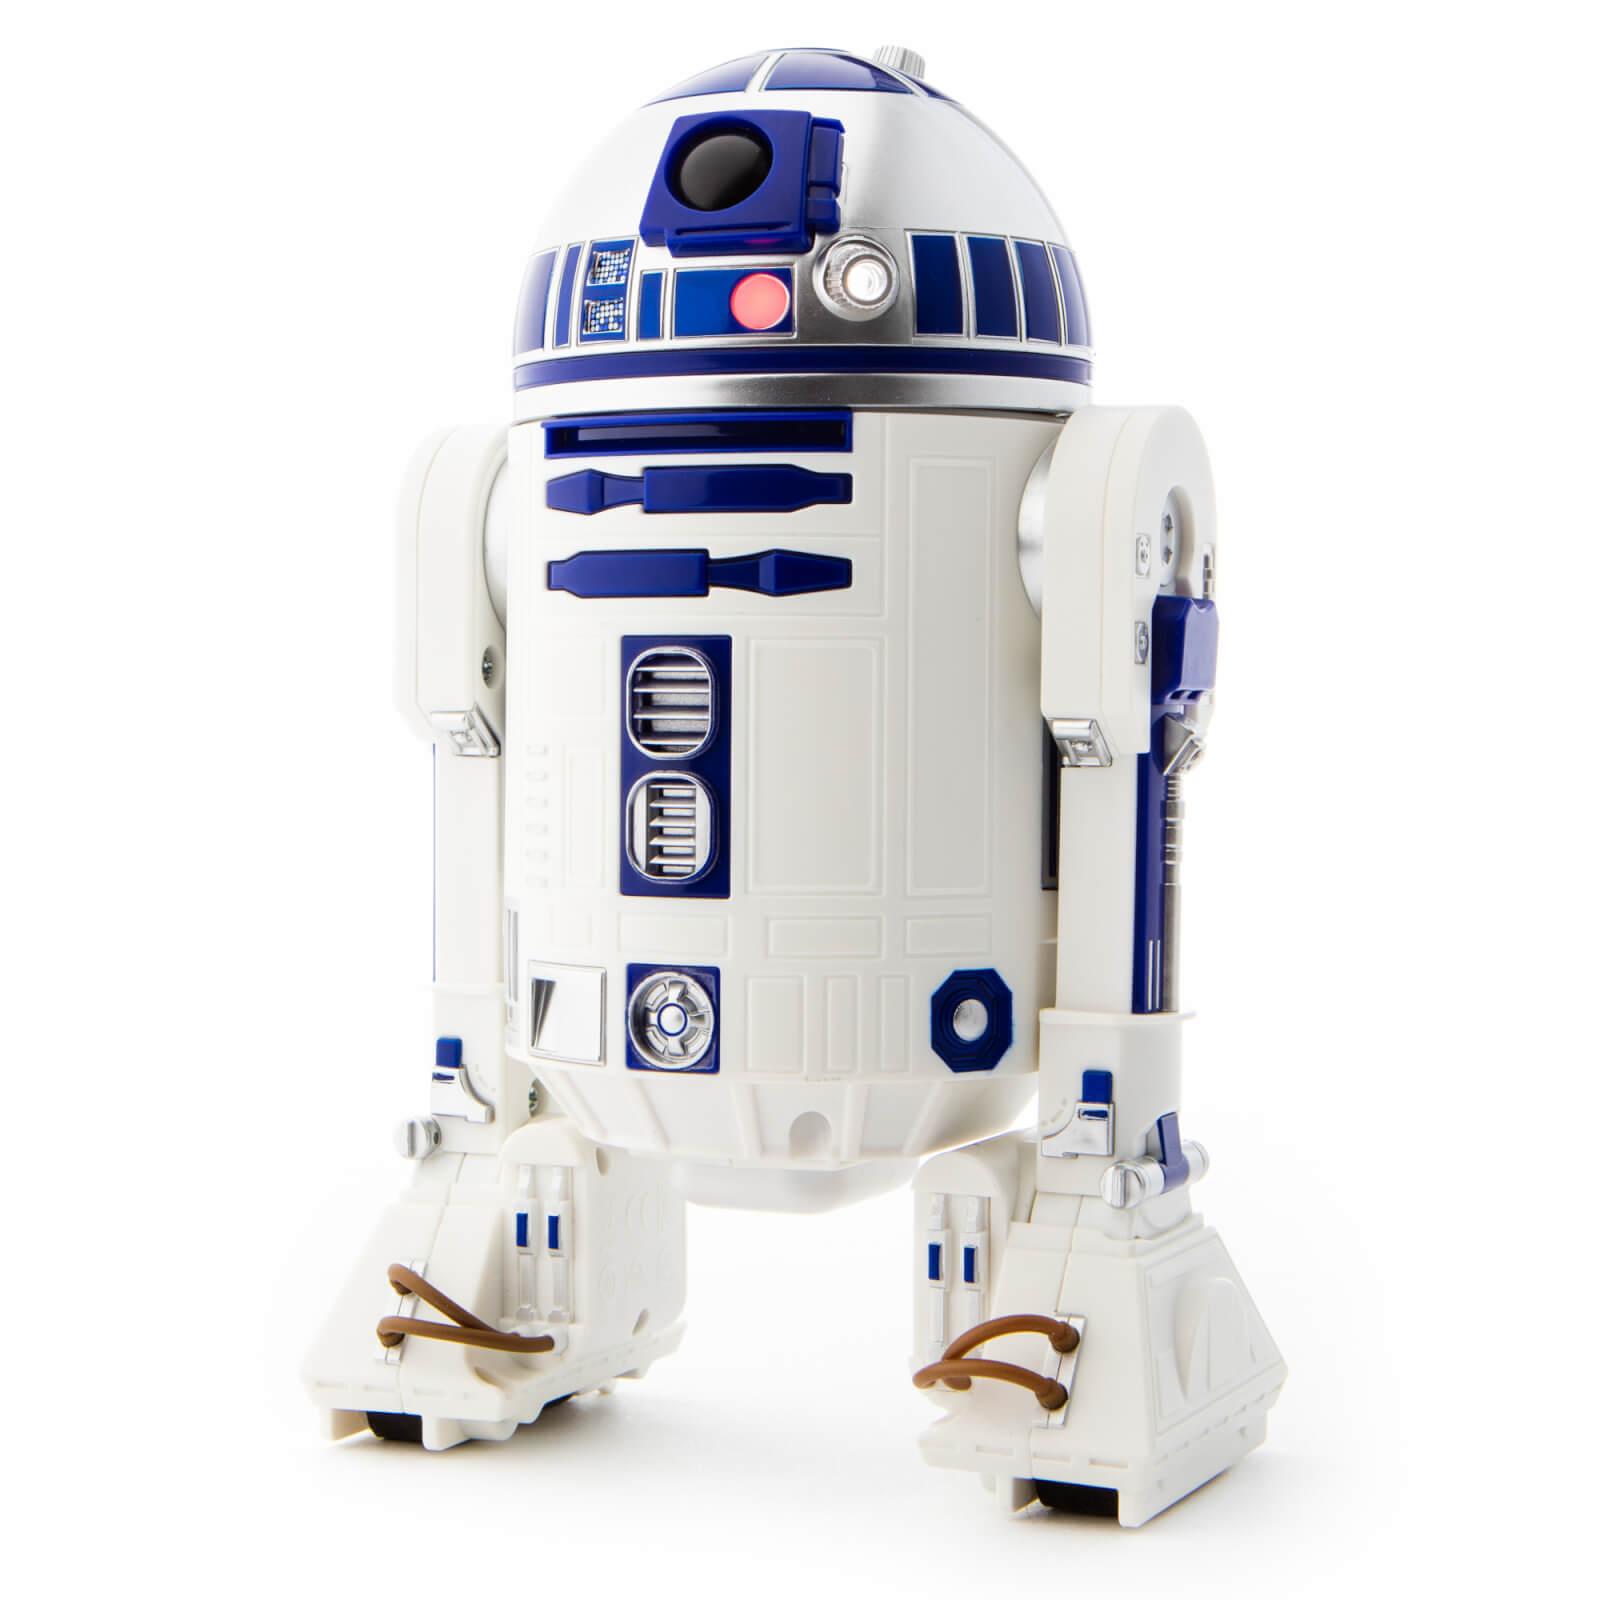 Led Licht Set Kompatibel Für Lego 10225 star wars R2 D2 Roboter ...   1600x1600